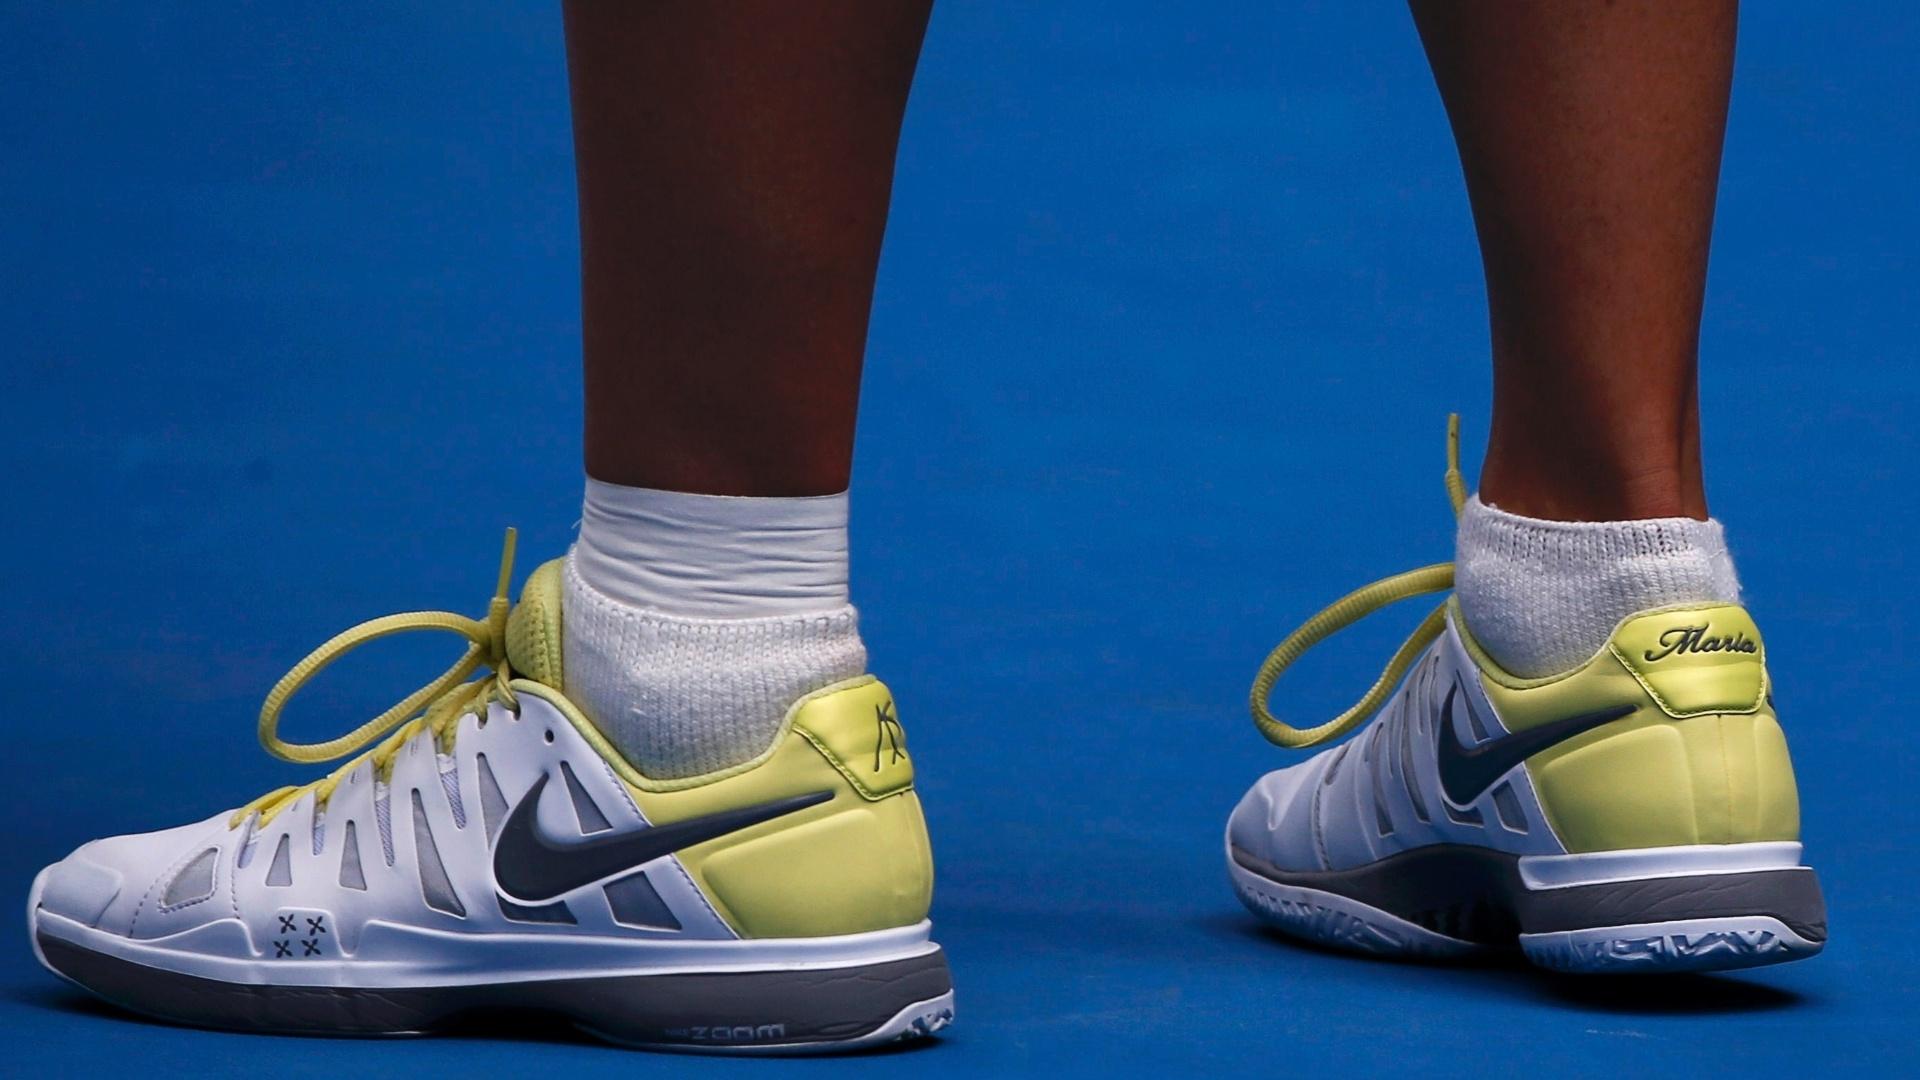 14.jan.2013 - Tenista russa Maria Sharapova tem tênis personalizado com seu nome no Aberto da Austrália